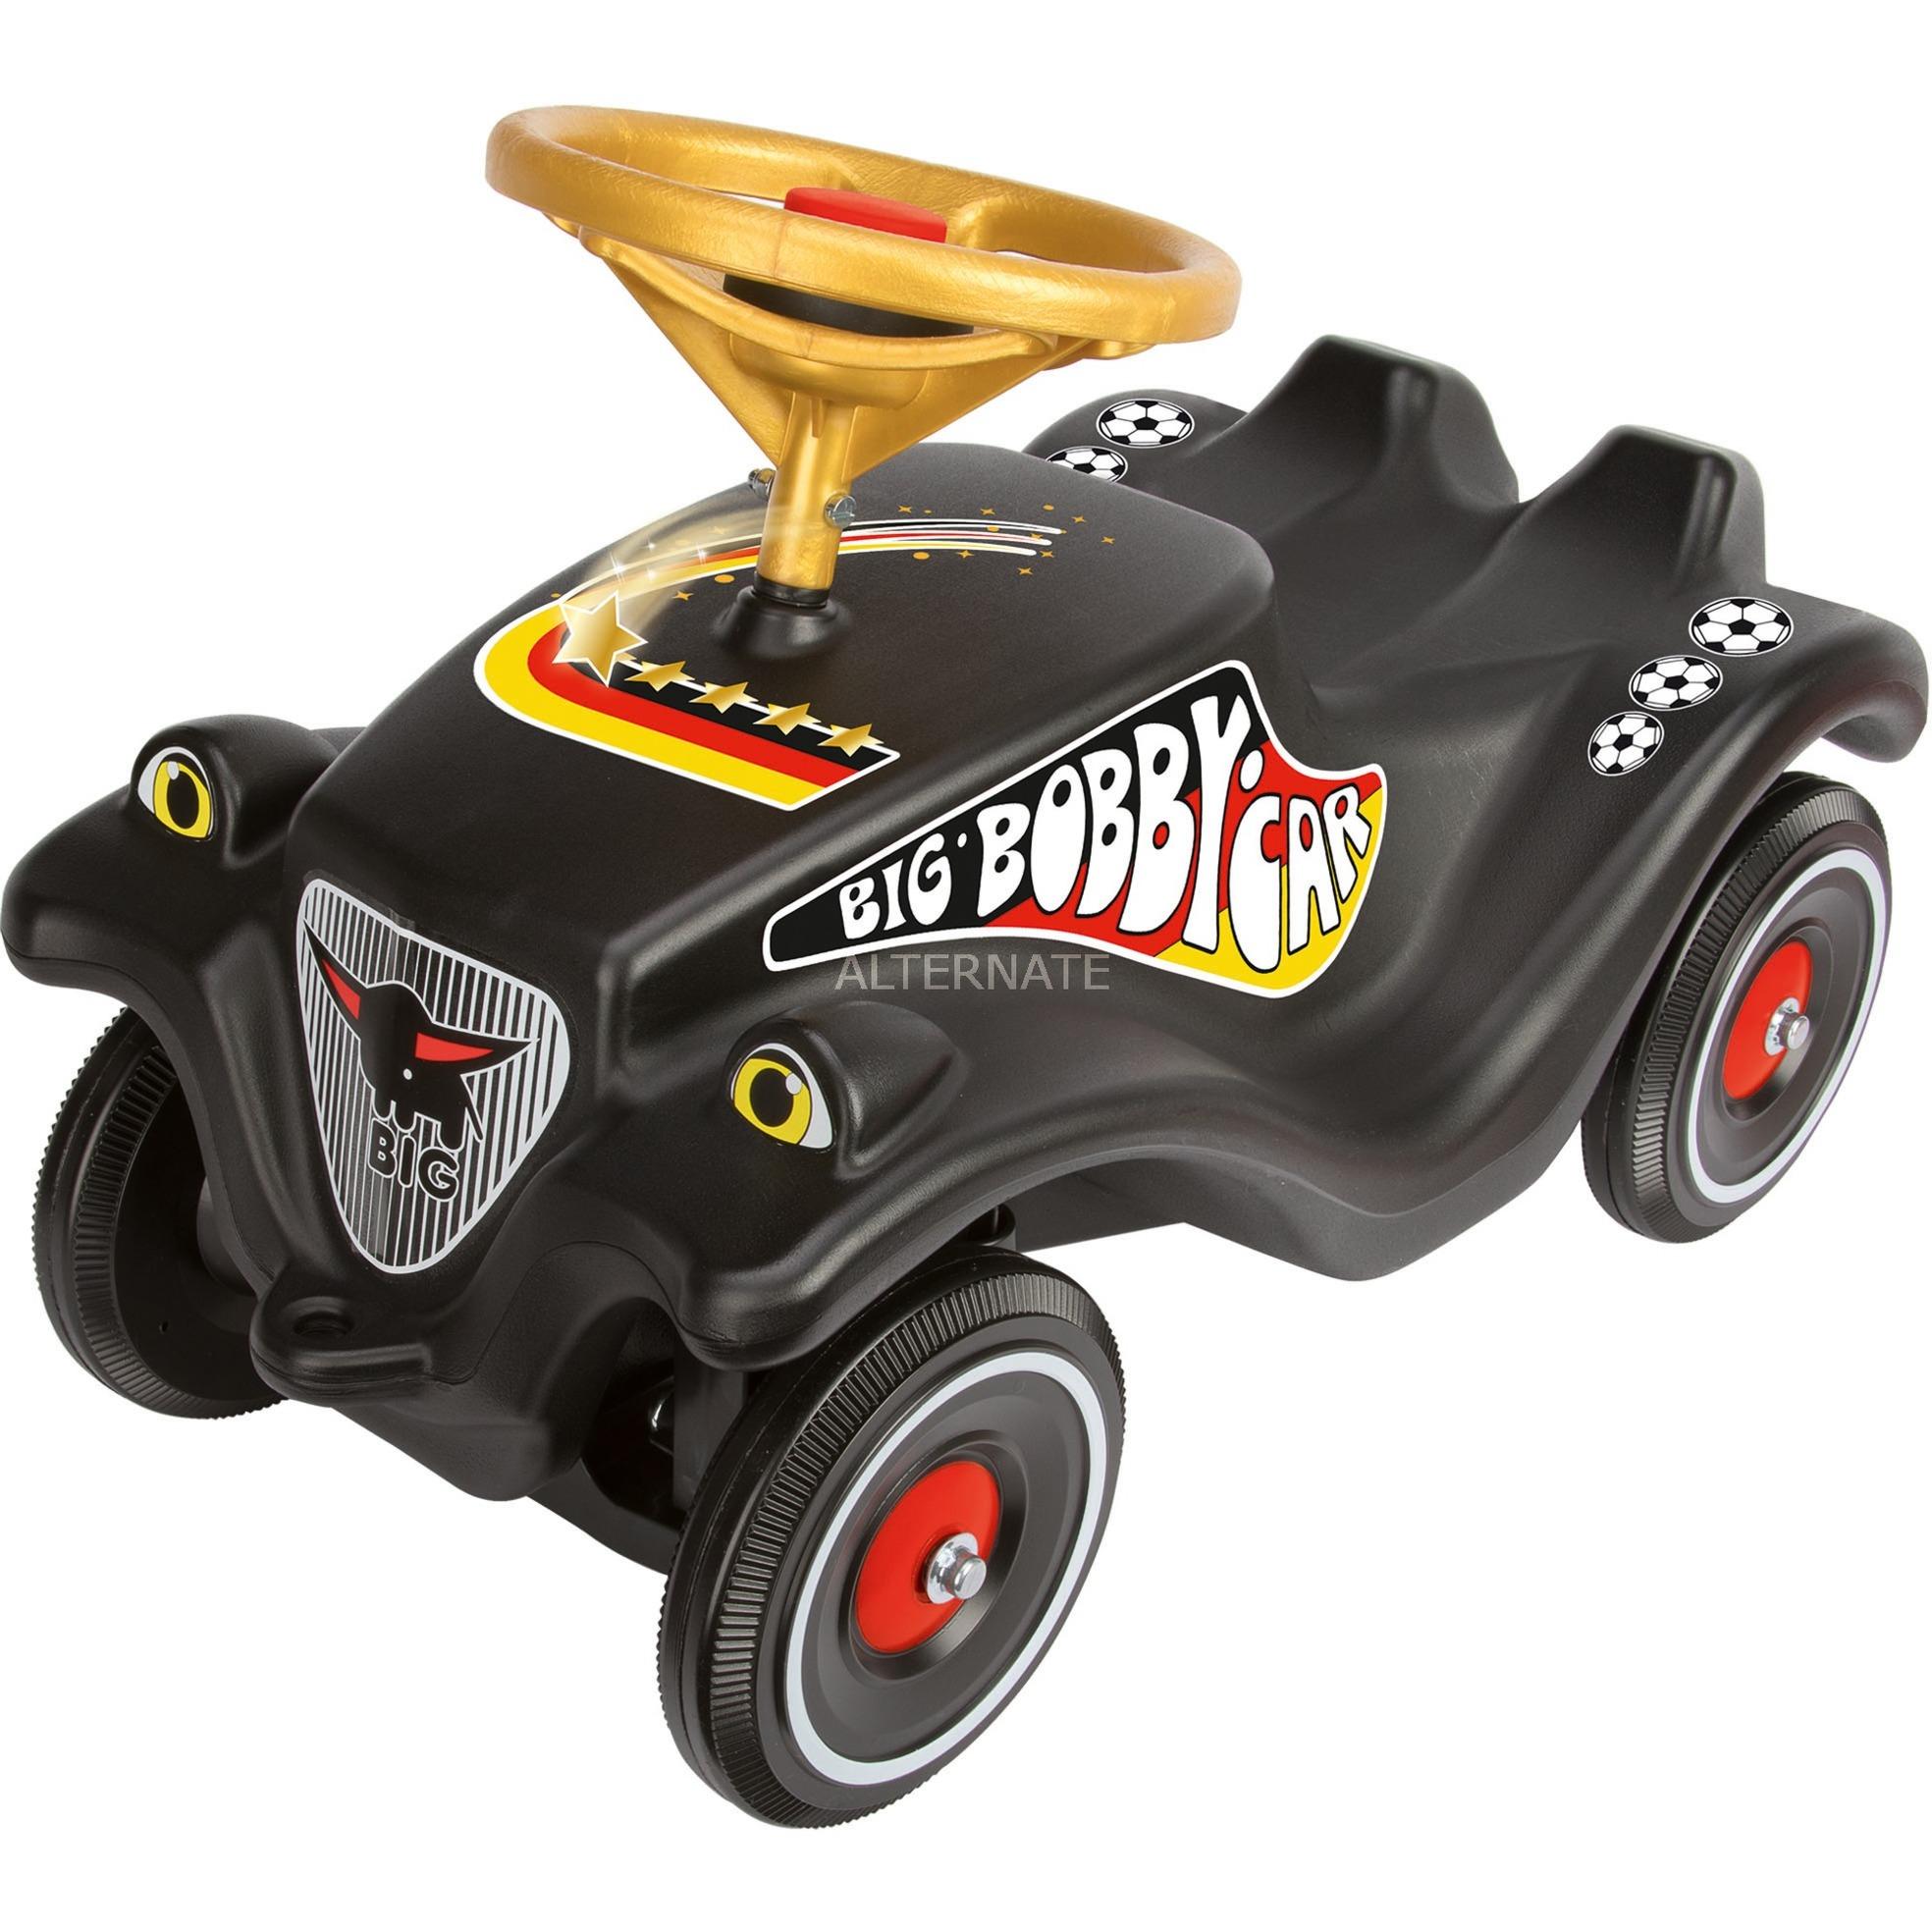 800056111, Automóvil de juguete